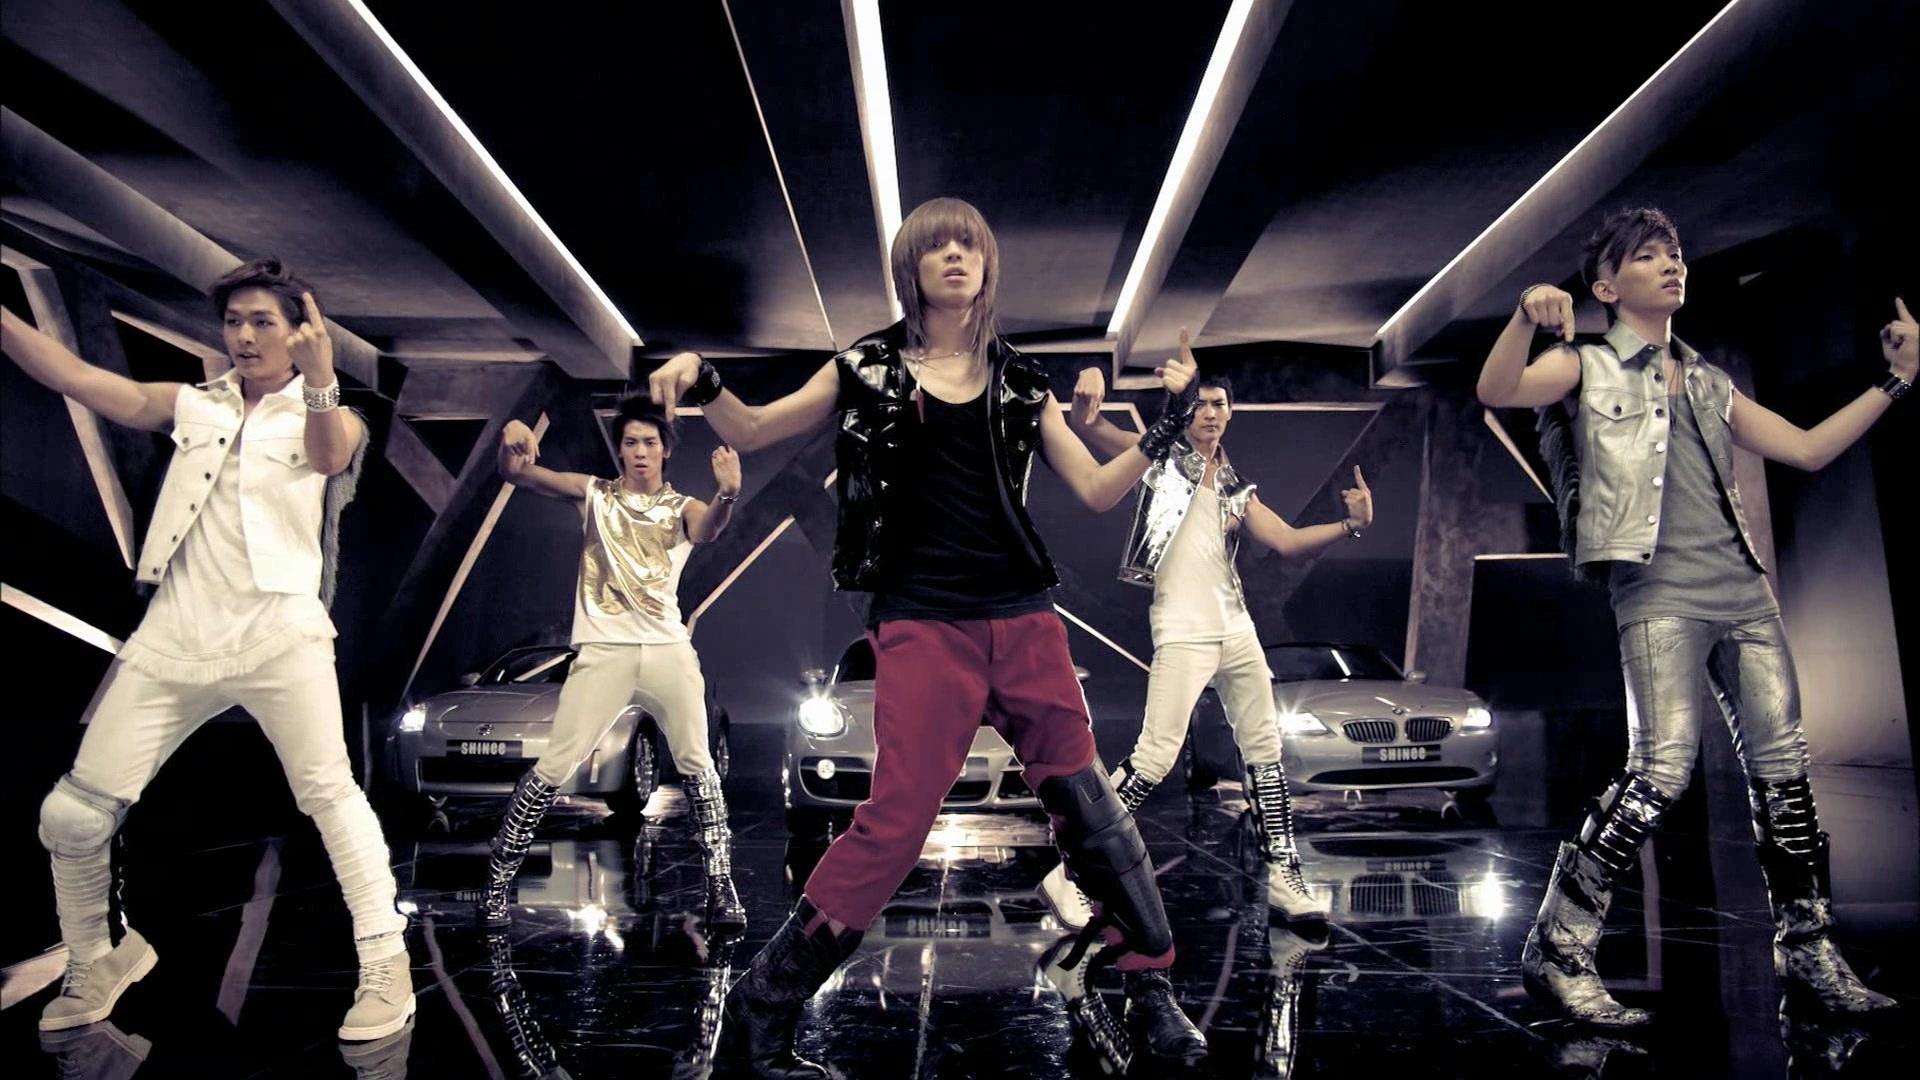 Rencontre fan kpop